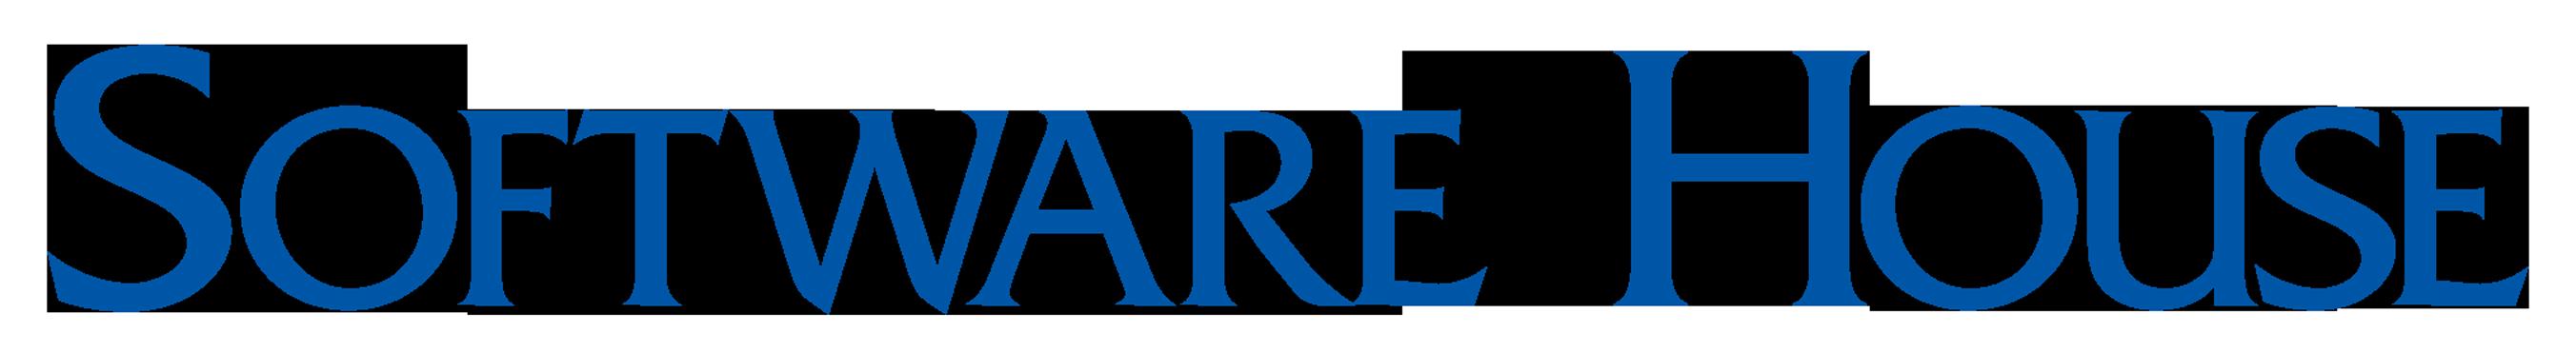 swh-lrg-no-endorsement-rgb-blue-logo.png